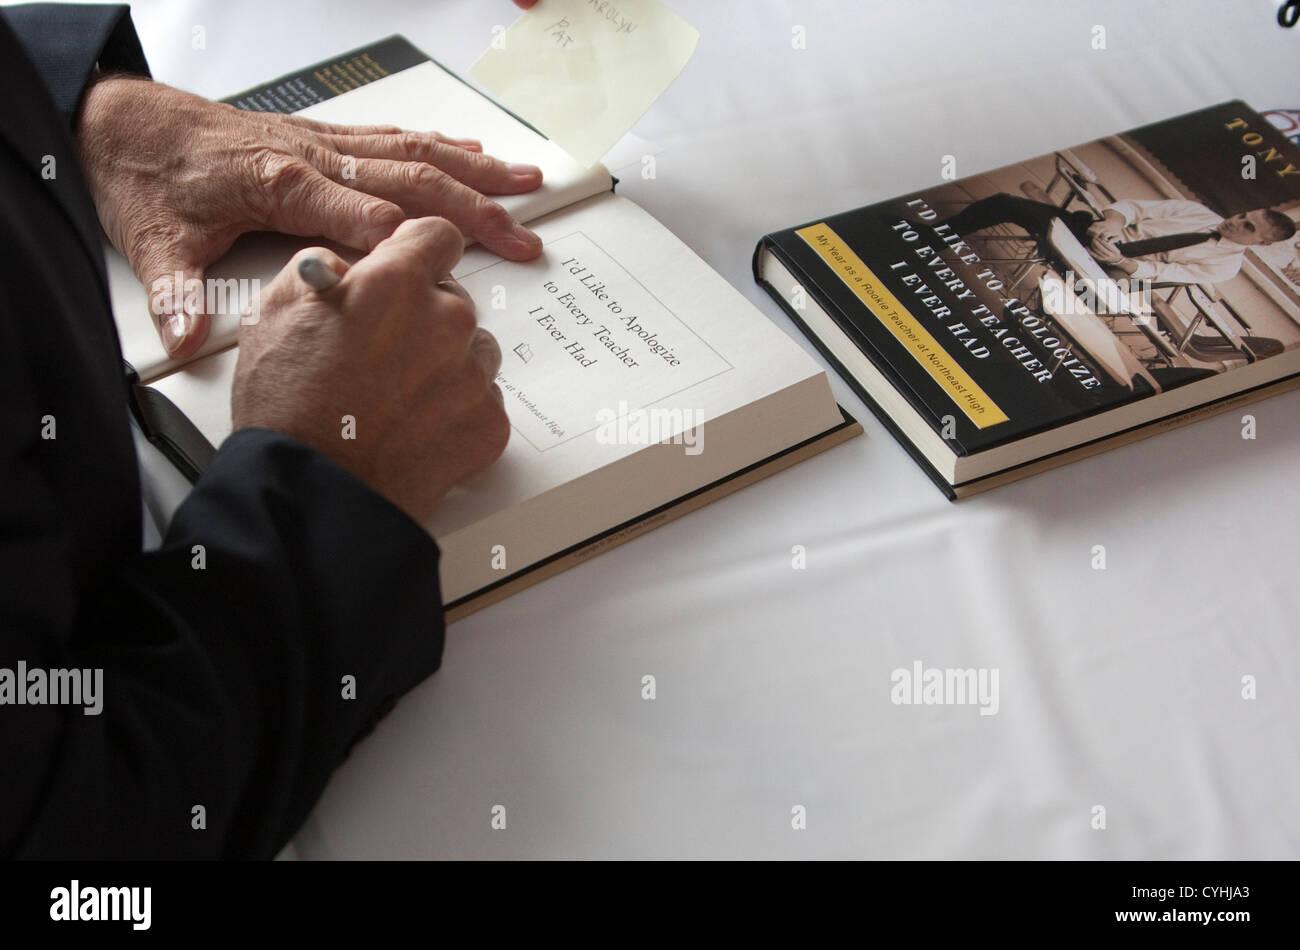 Actor y autor Tony Danza firma un ejemplar de su libro me gustaría pedir disculpas a todos los docentes que Imagen De Stock